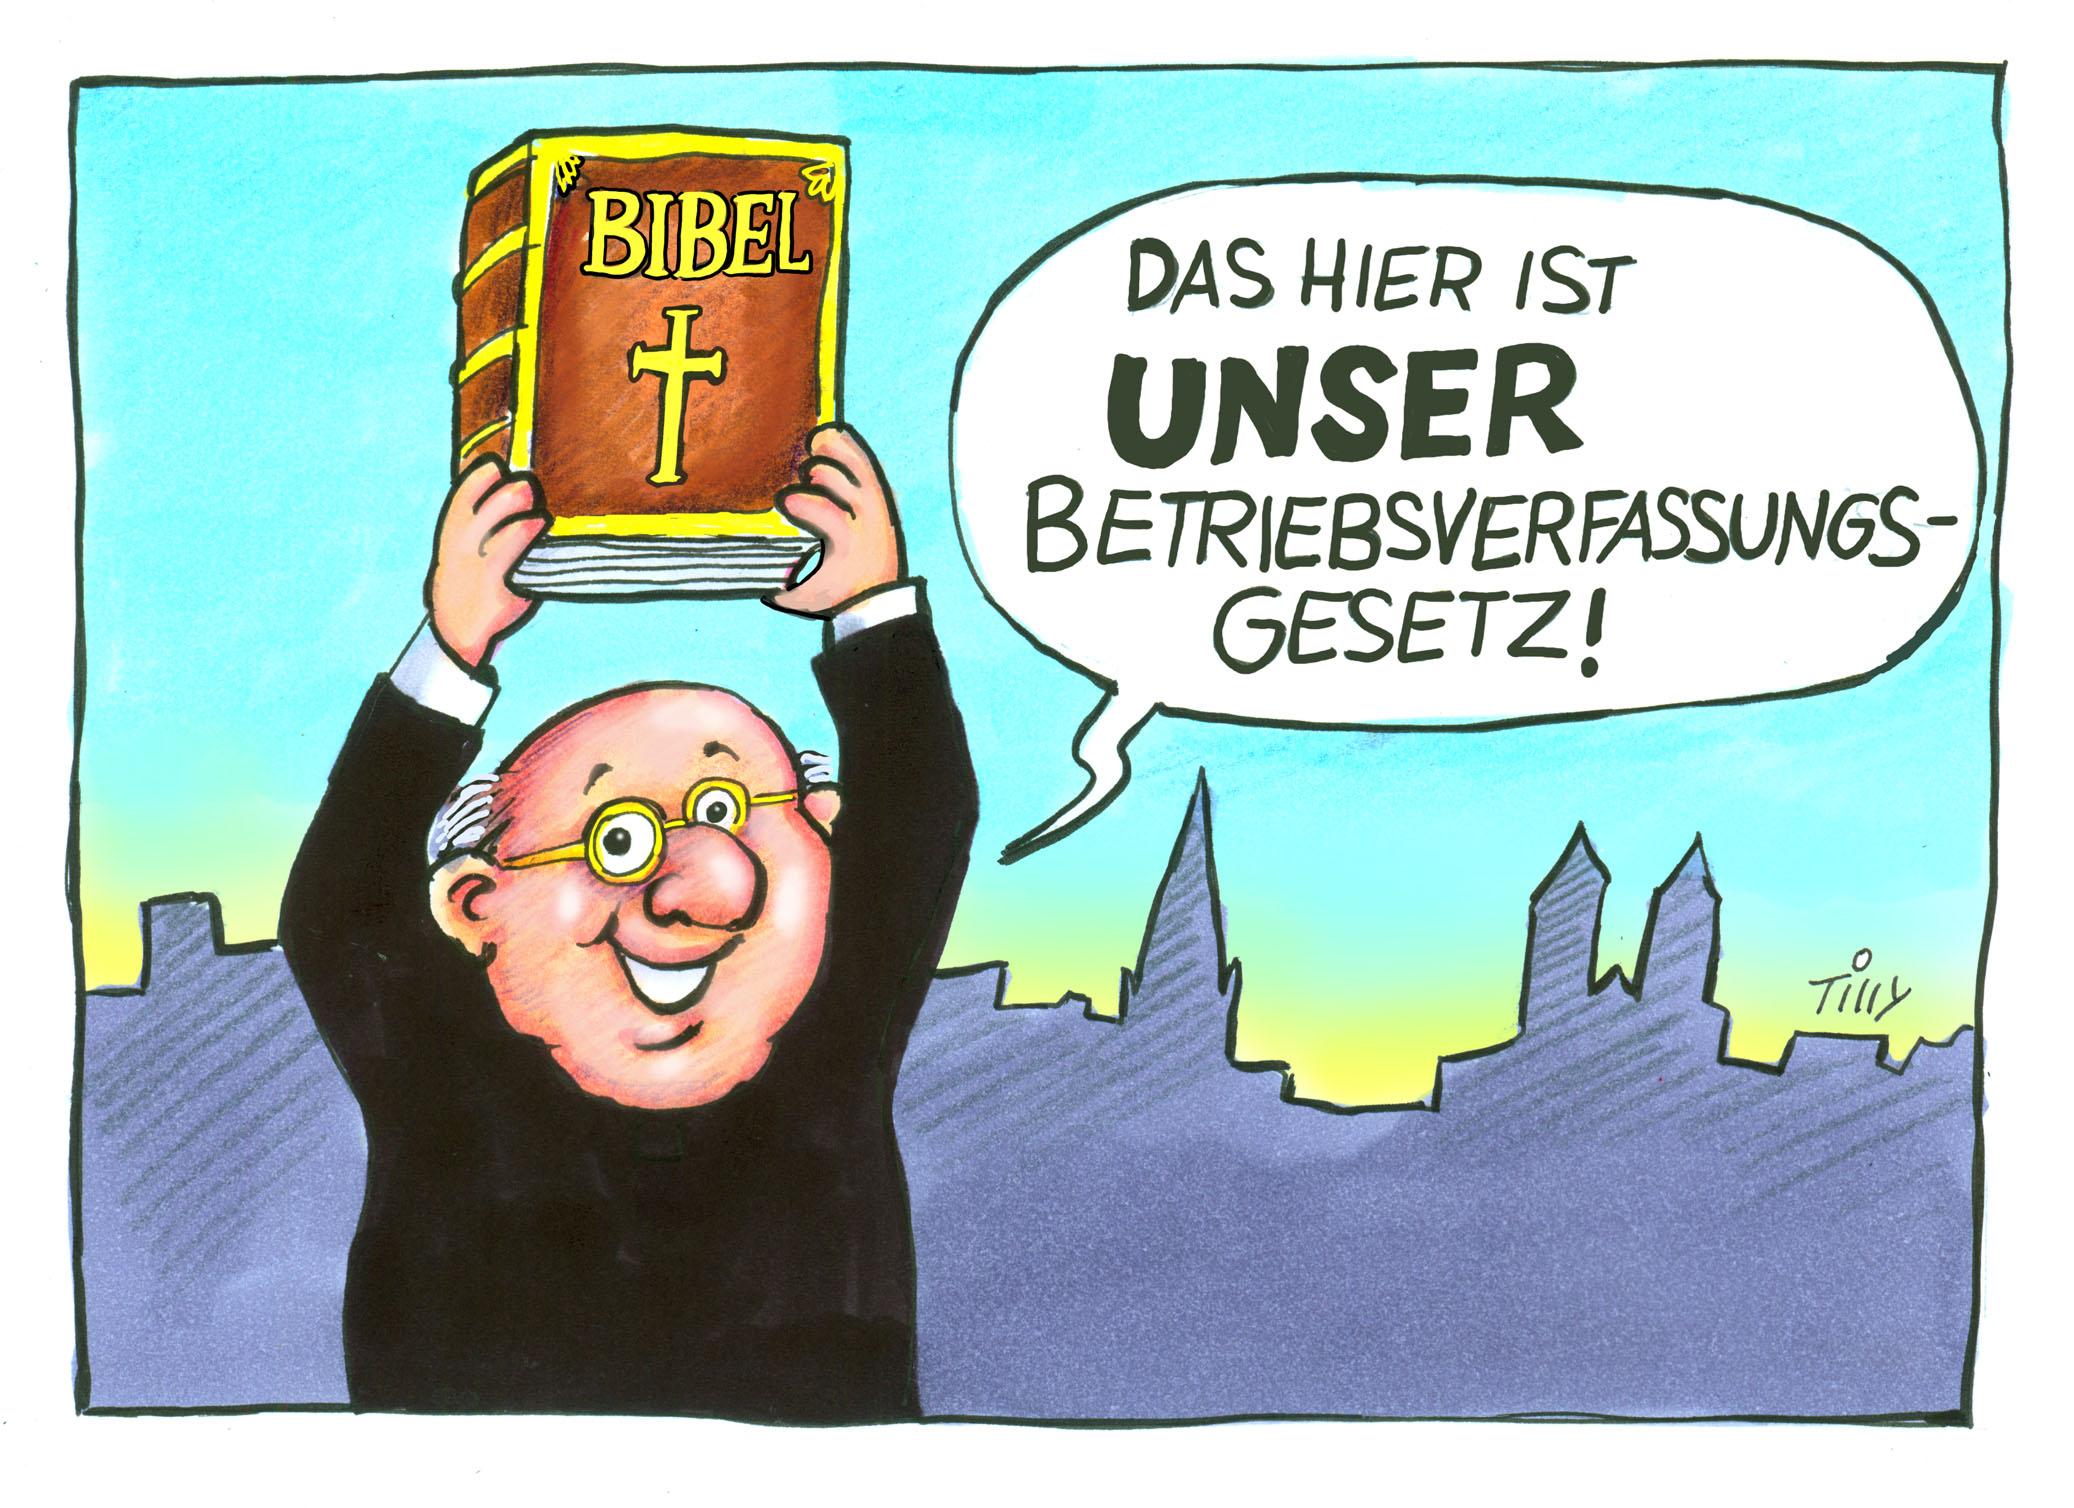 bibel_arbeitsrecht